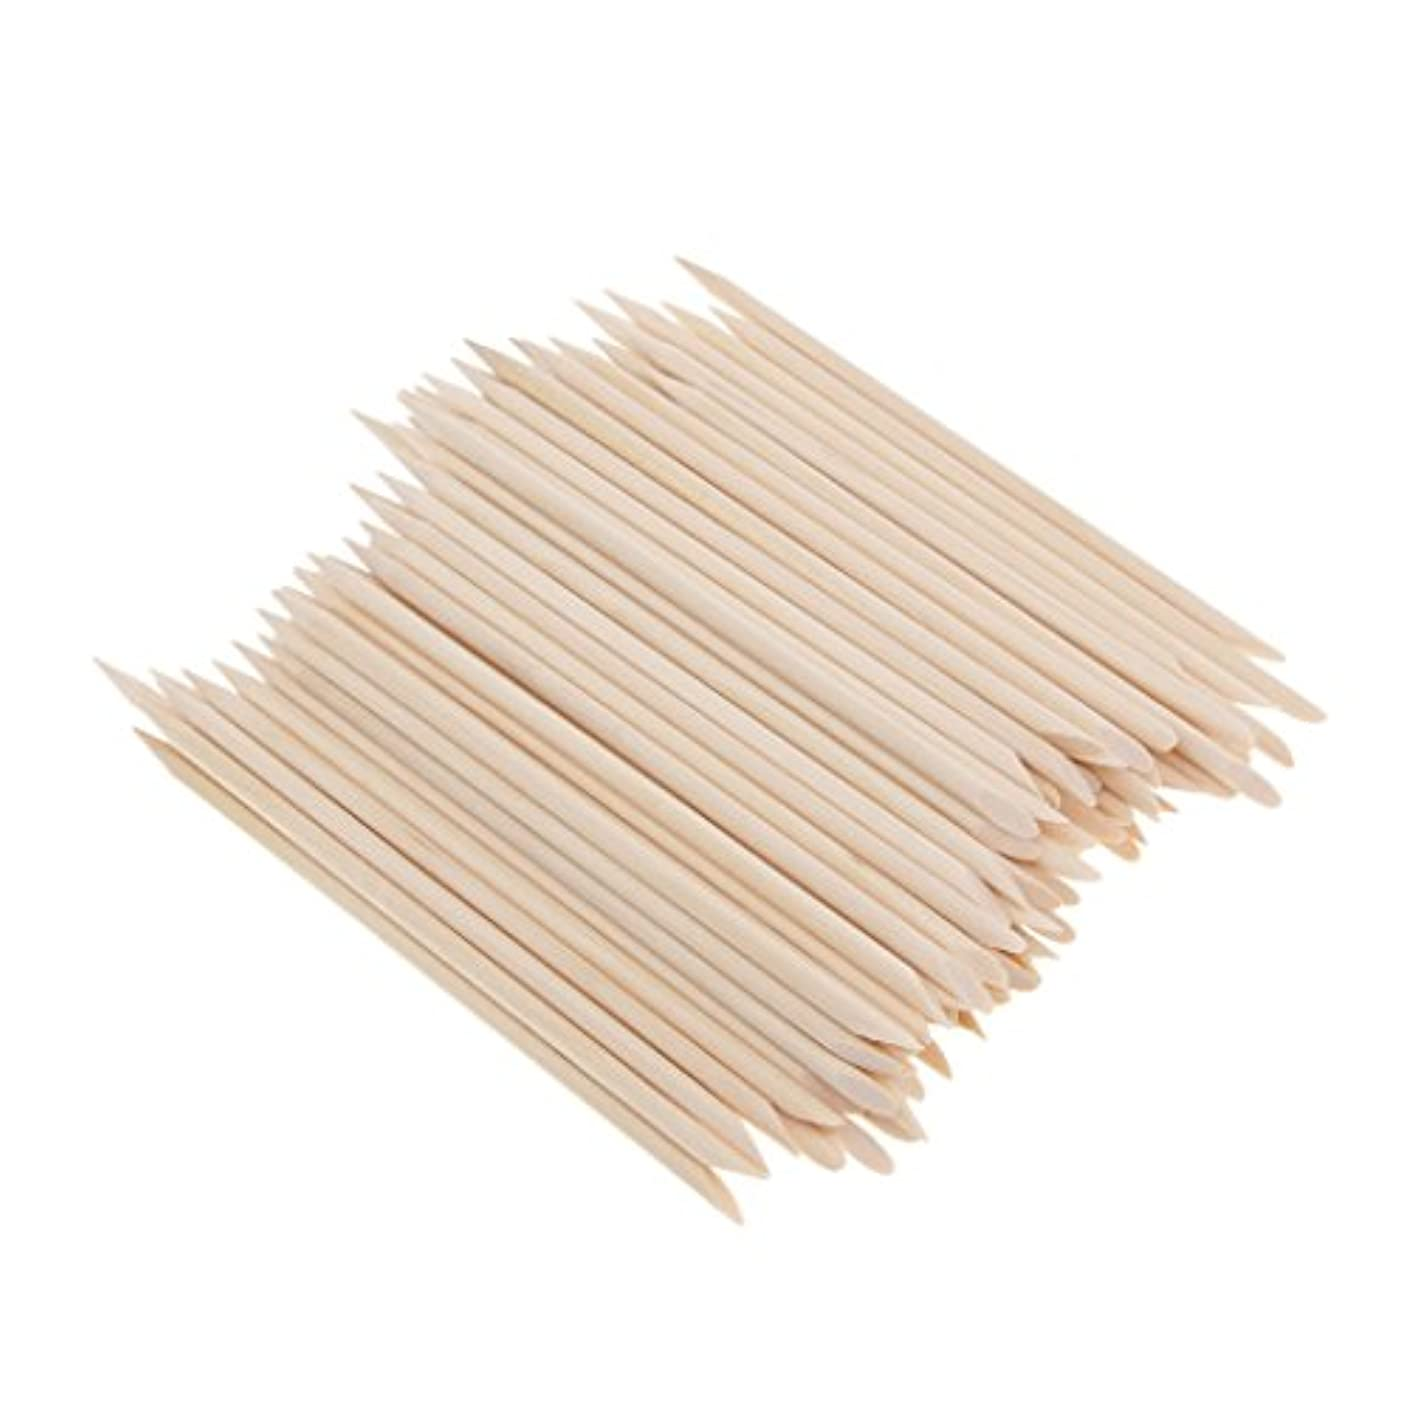 本質的に運動する最も約100個 爪リムーバー ウッドスティック ネイルアート 木のスティック キューティクルプッシャー リムーバー マニキュアツール